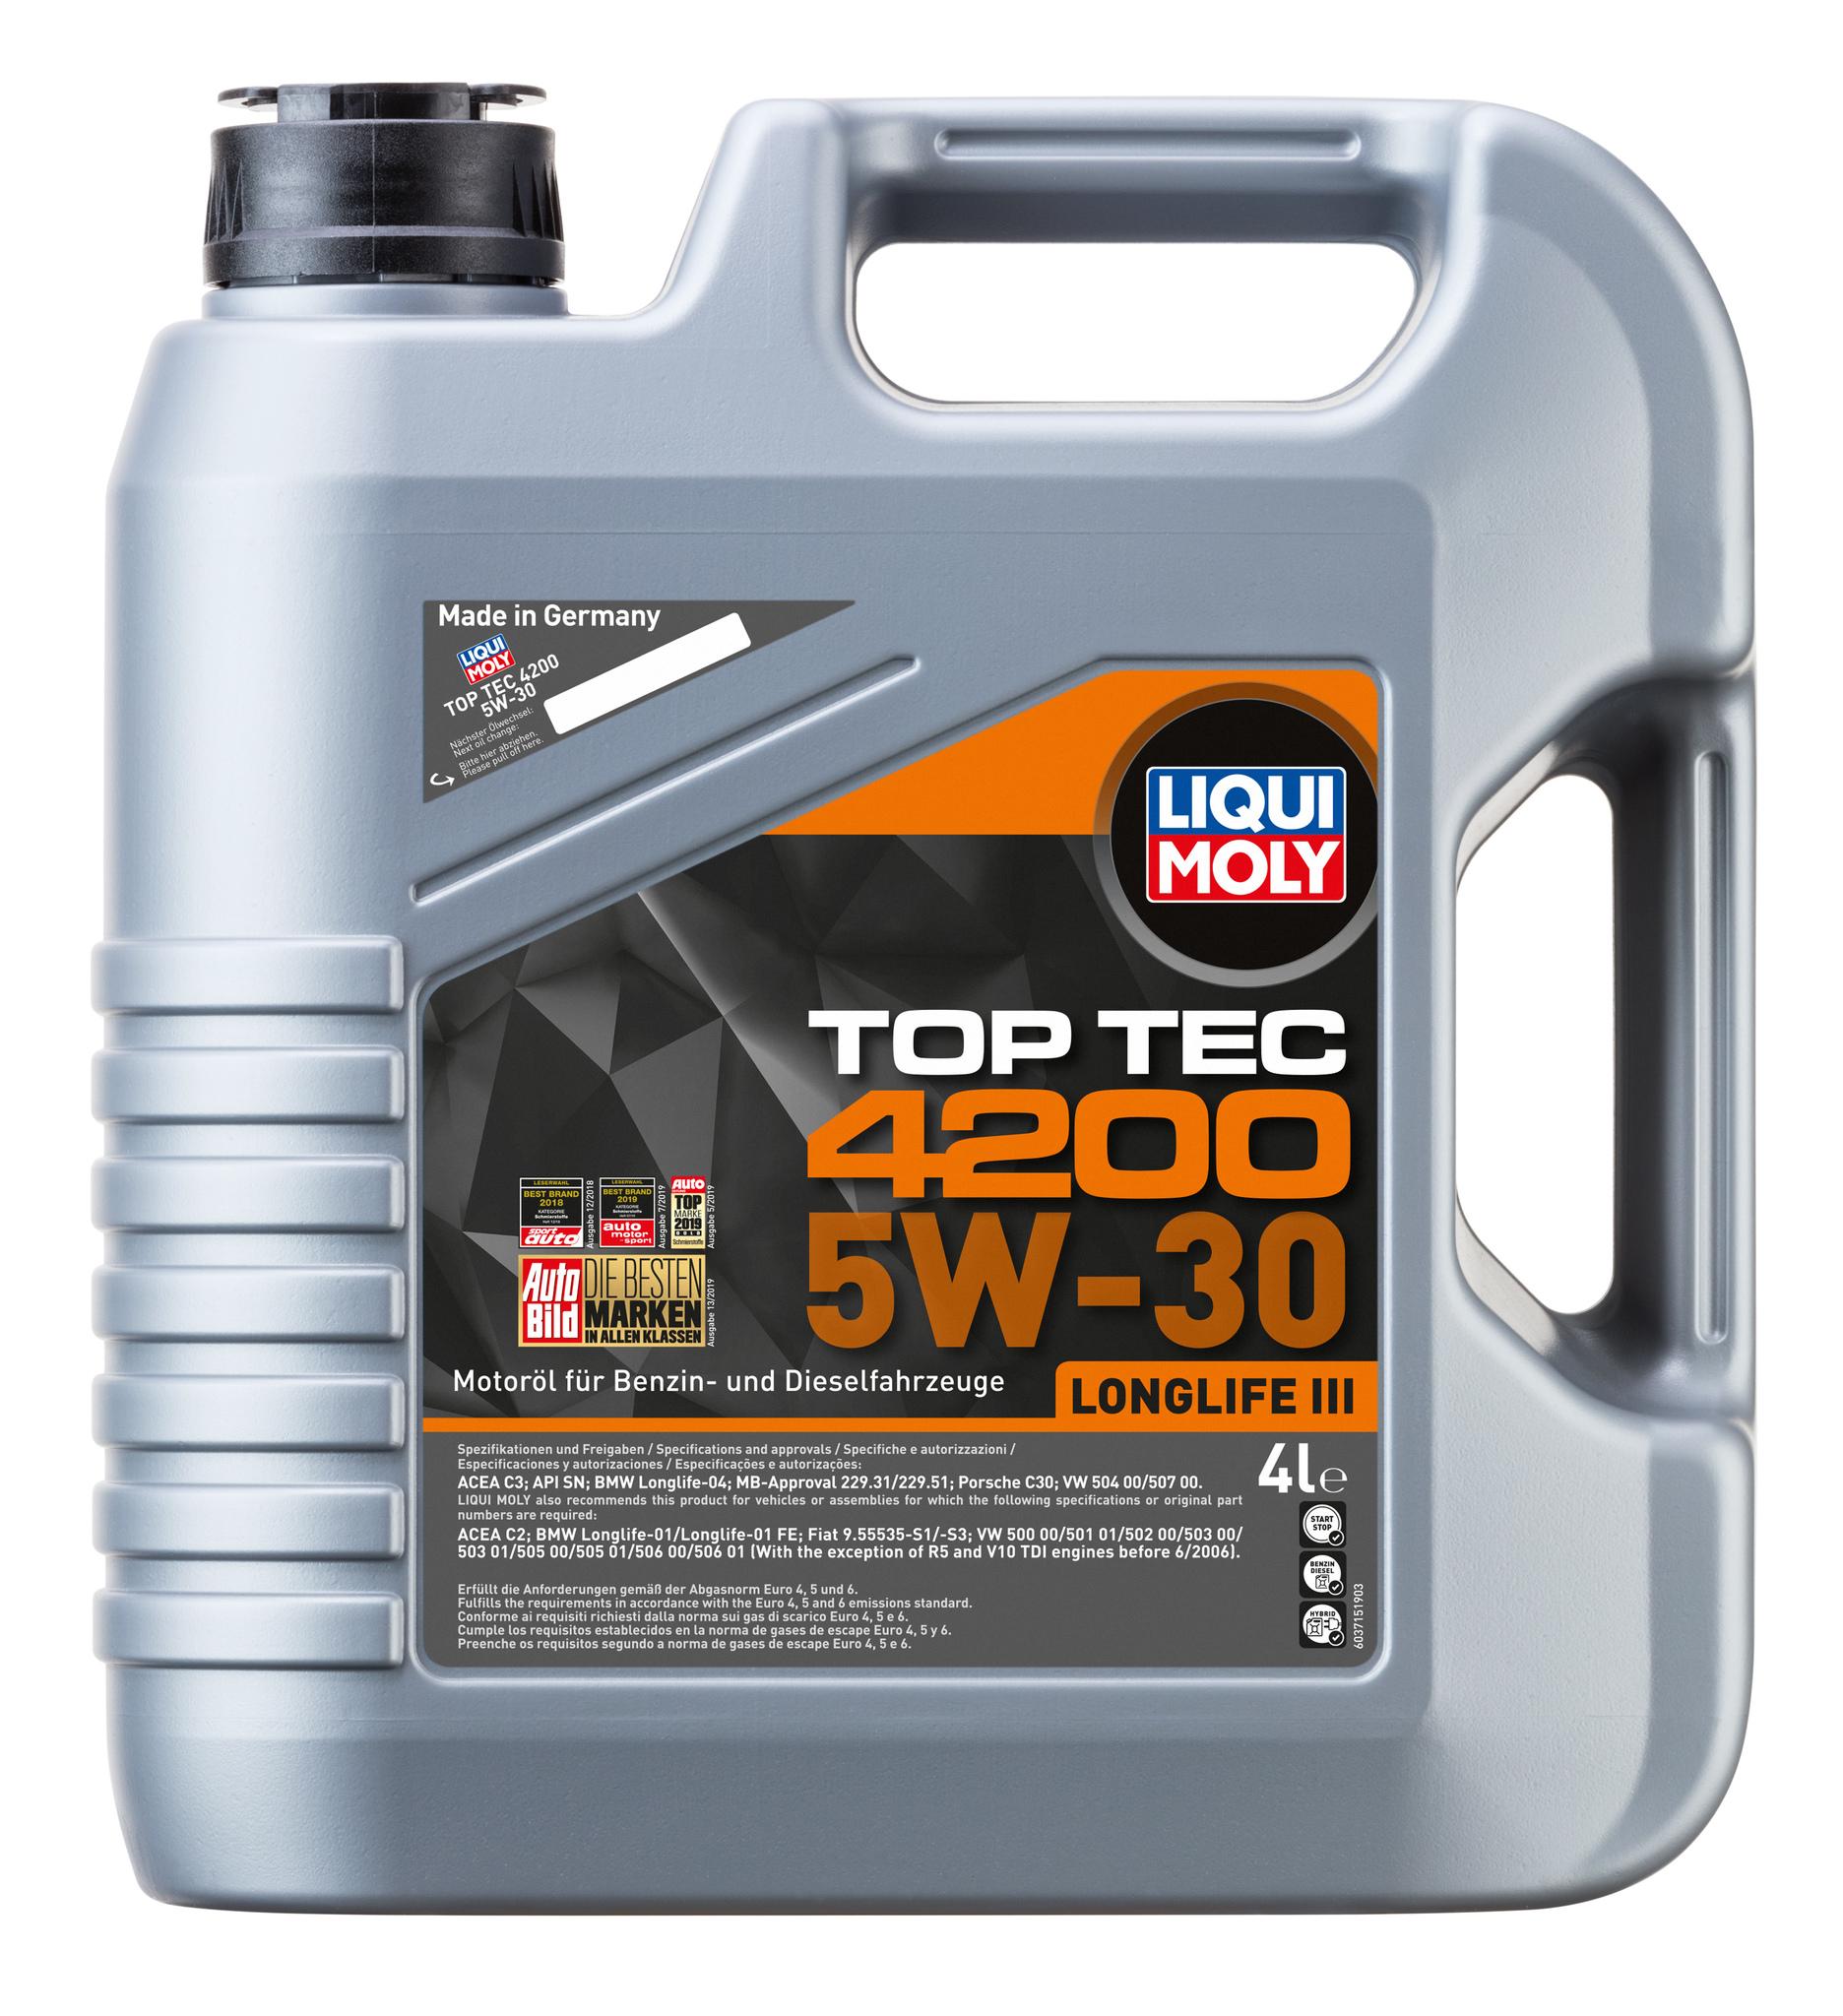 Liqui Moly Top Tec 4200 5W30 НС синтетическое моторное масло  для Volkswagen, Audi